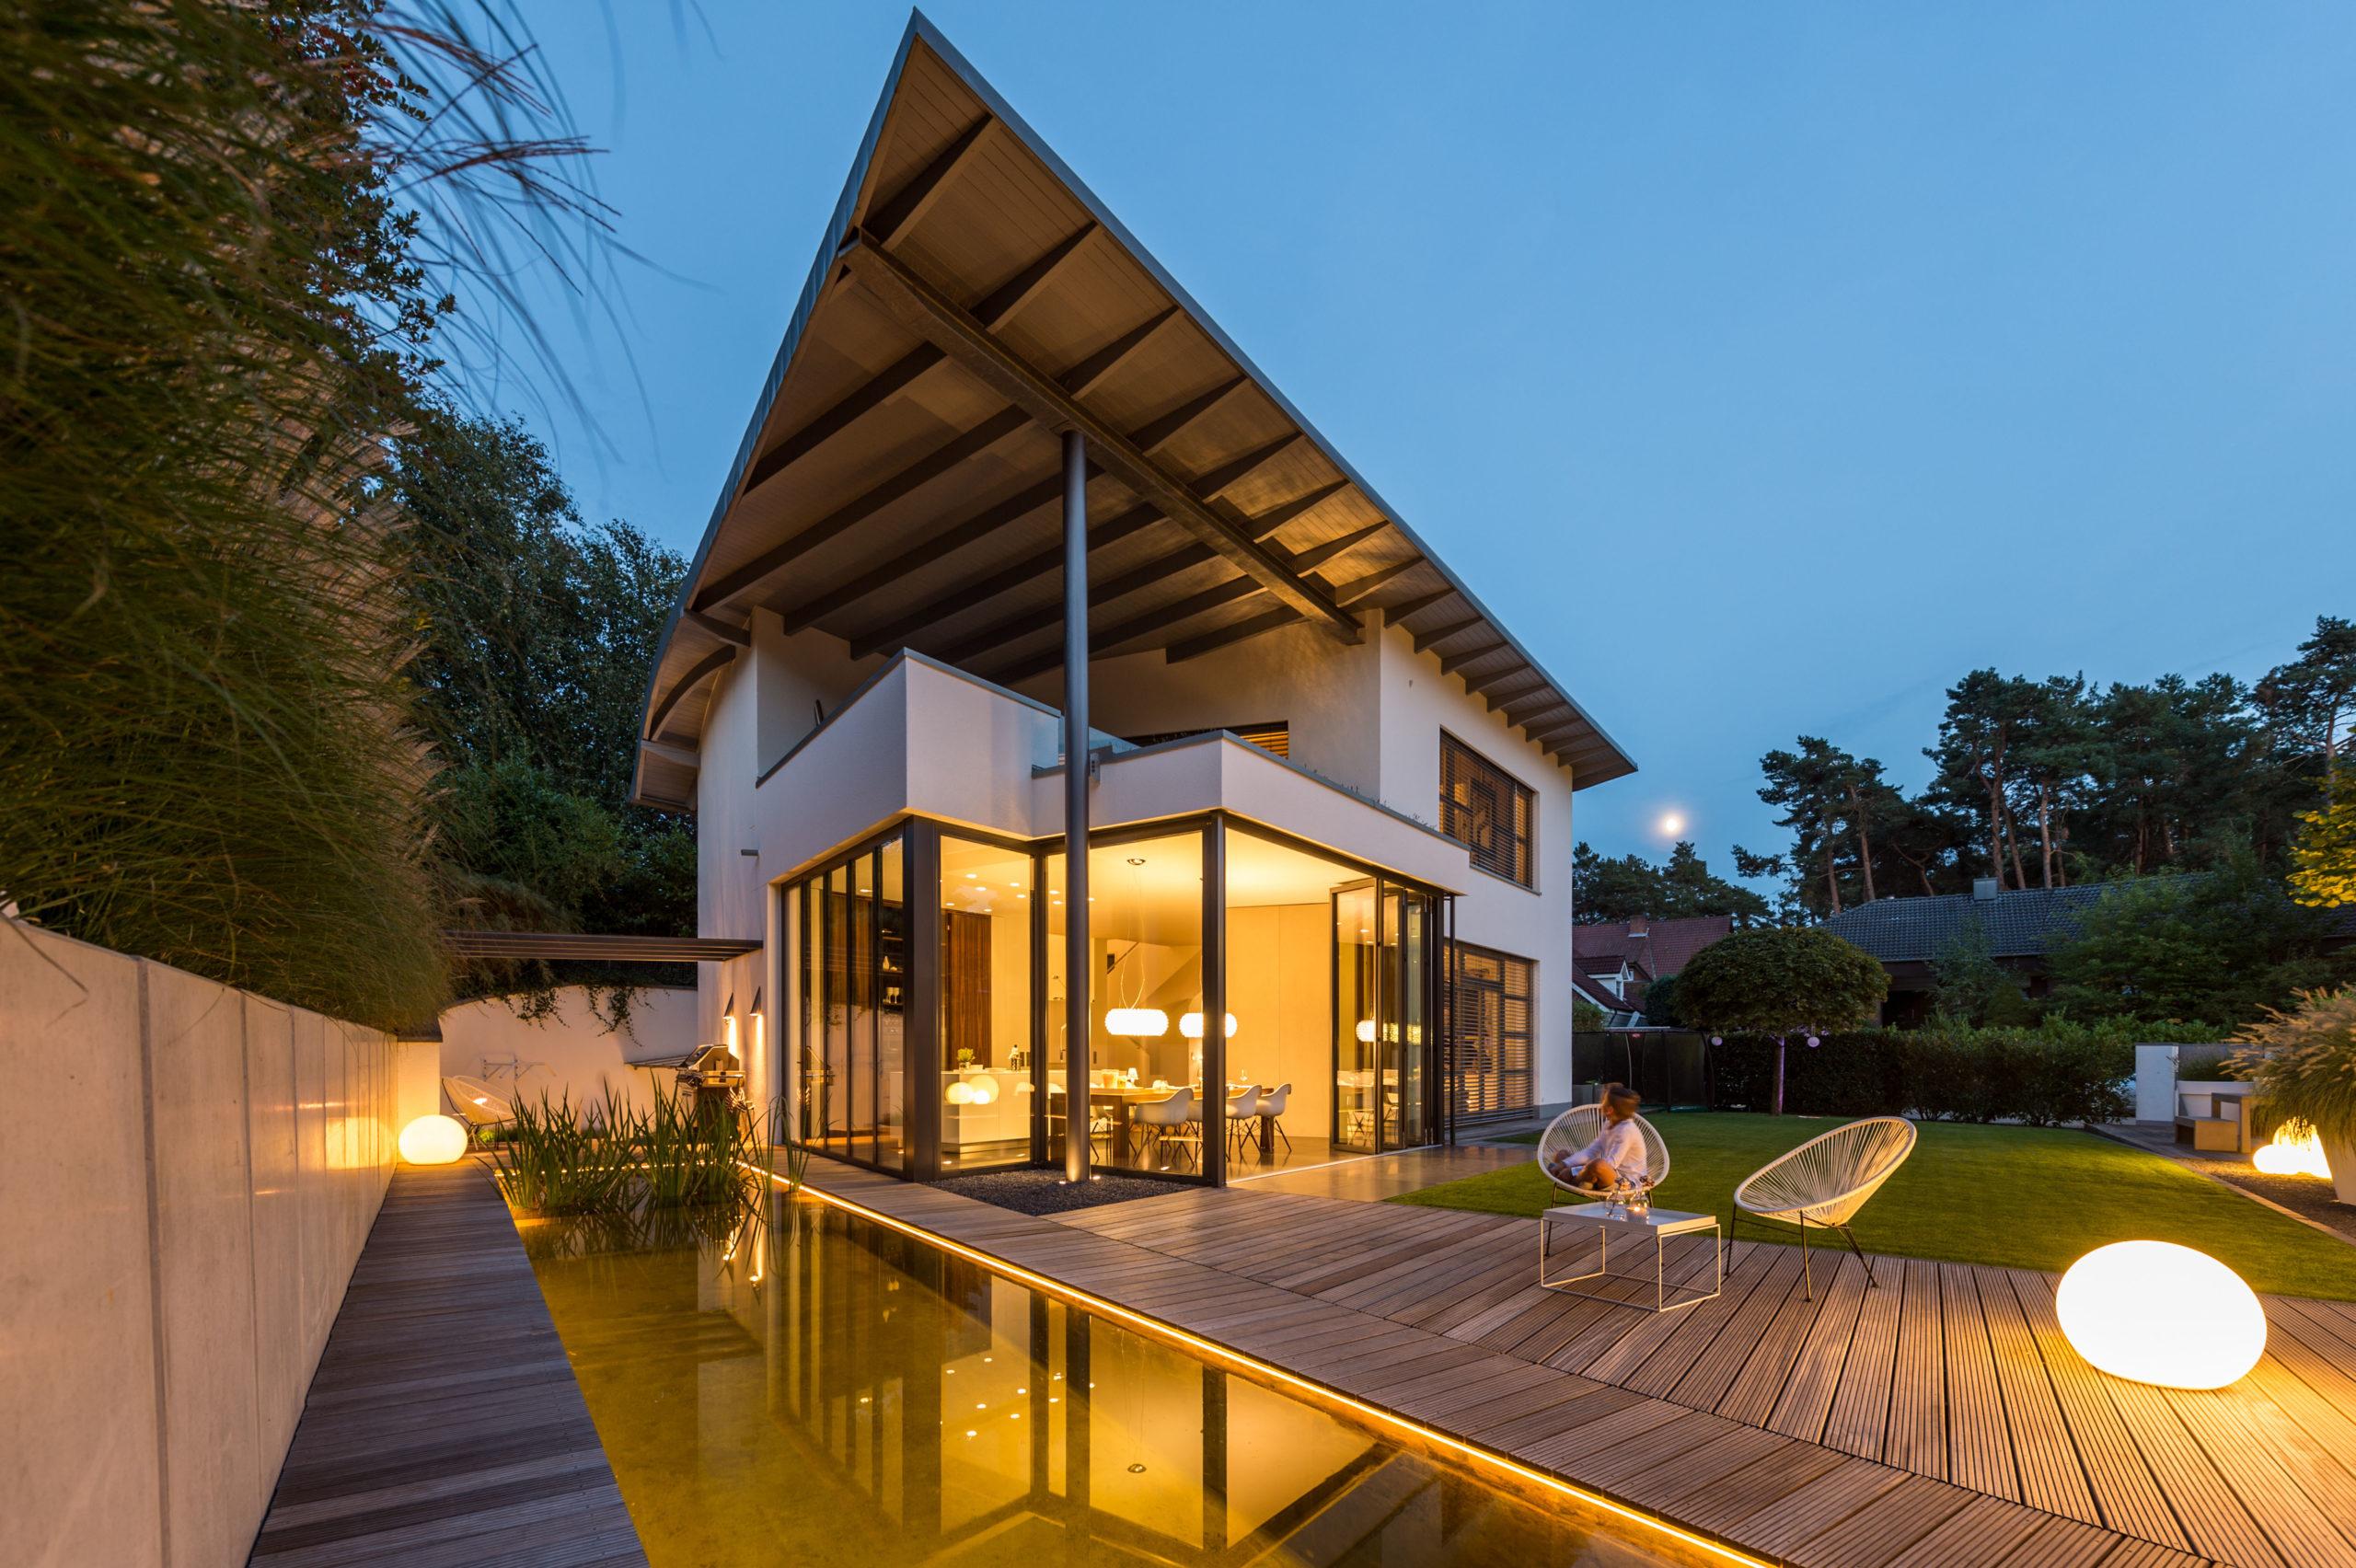 Einzigartiges Haus durch individuelle Planung